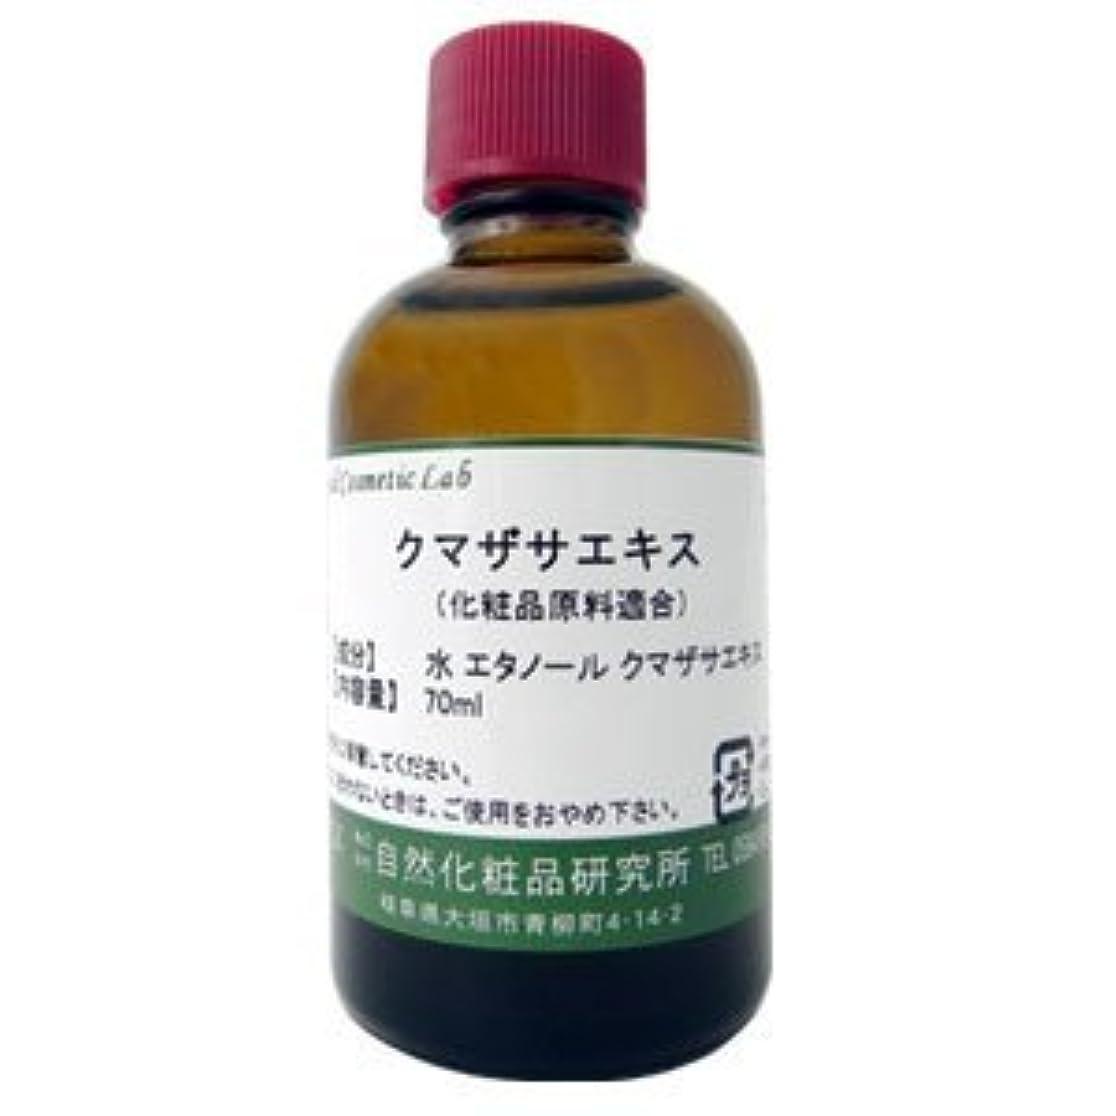 クマザサエキス 70ml 【手作り化粧品原料】